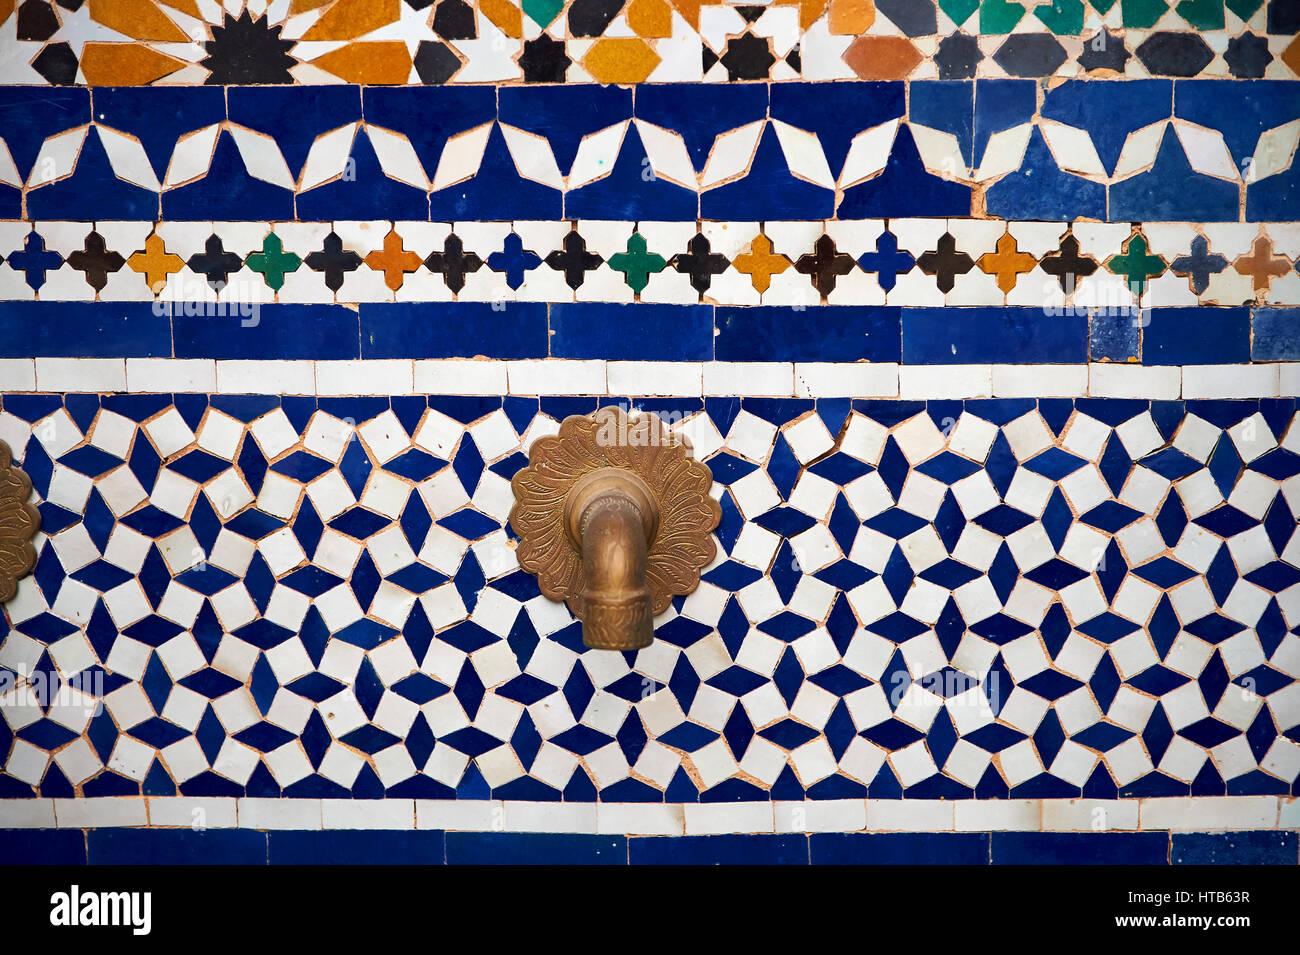 Berber arabesque piastrelle zellige del museo di marrakesh nel dar